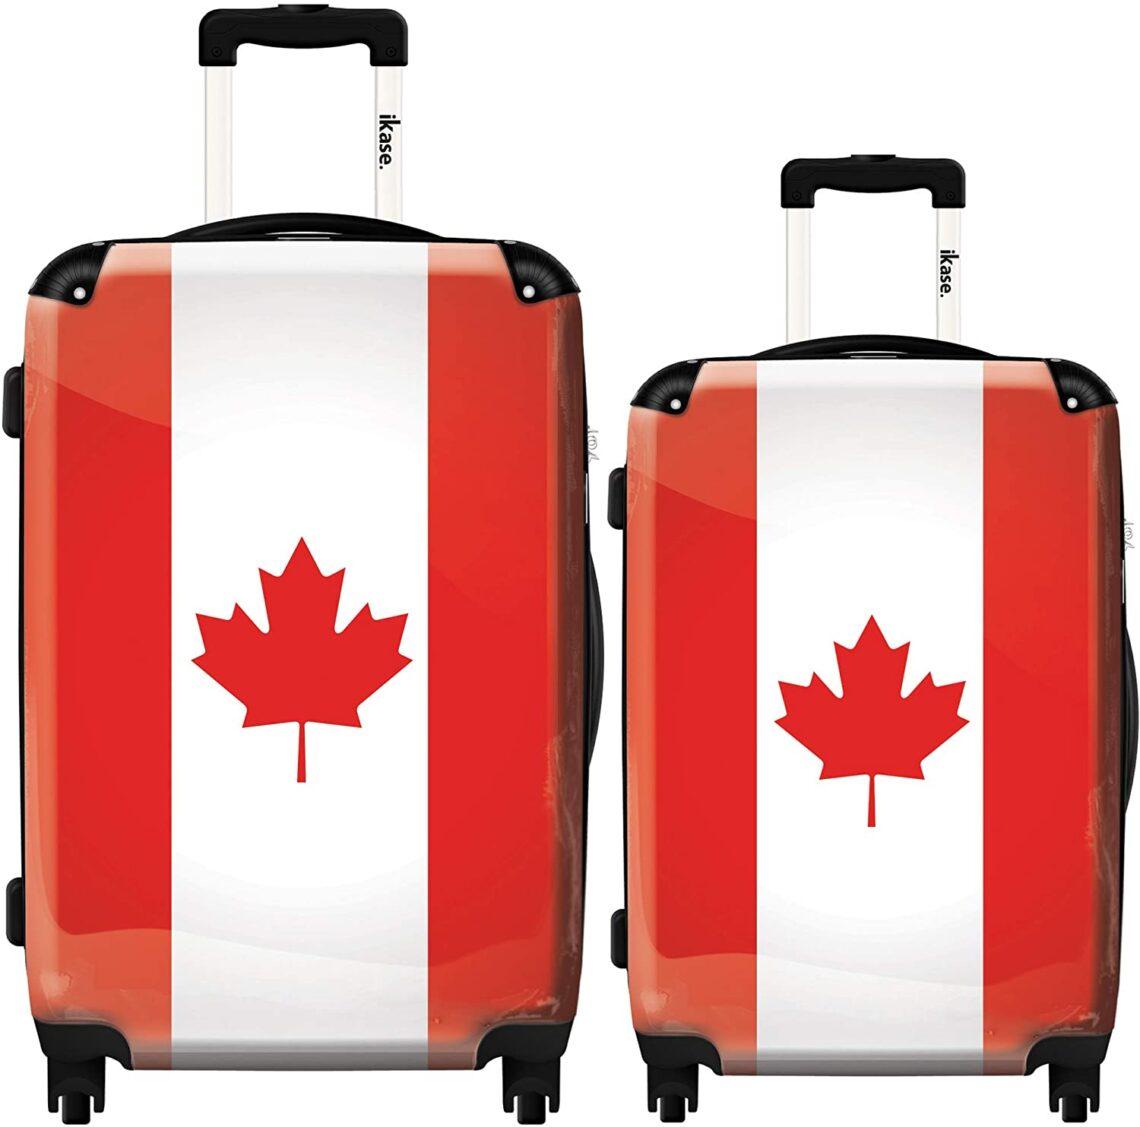 Kanaďané chtějí cestovat do zahraničí